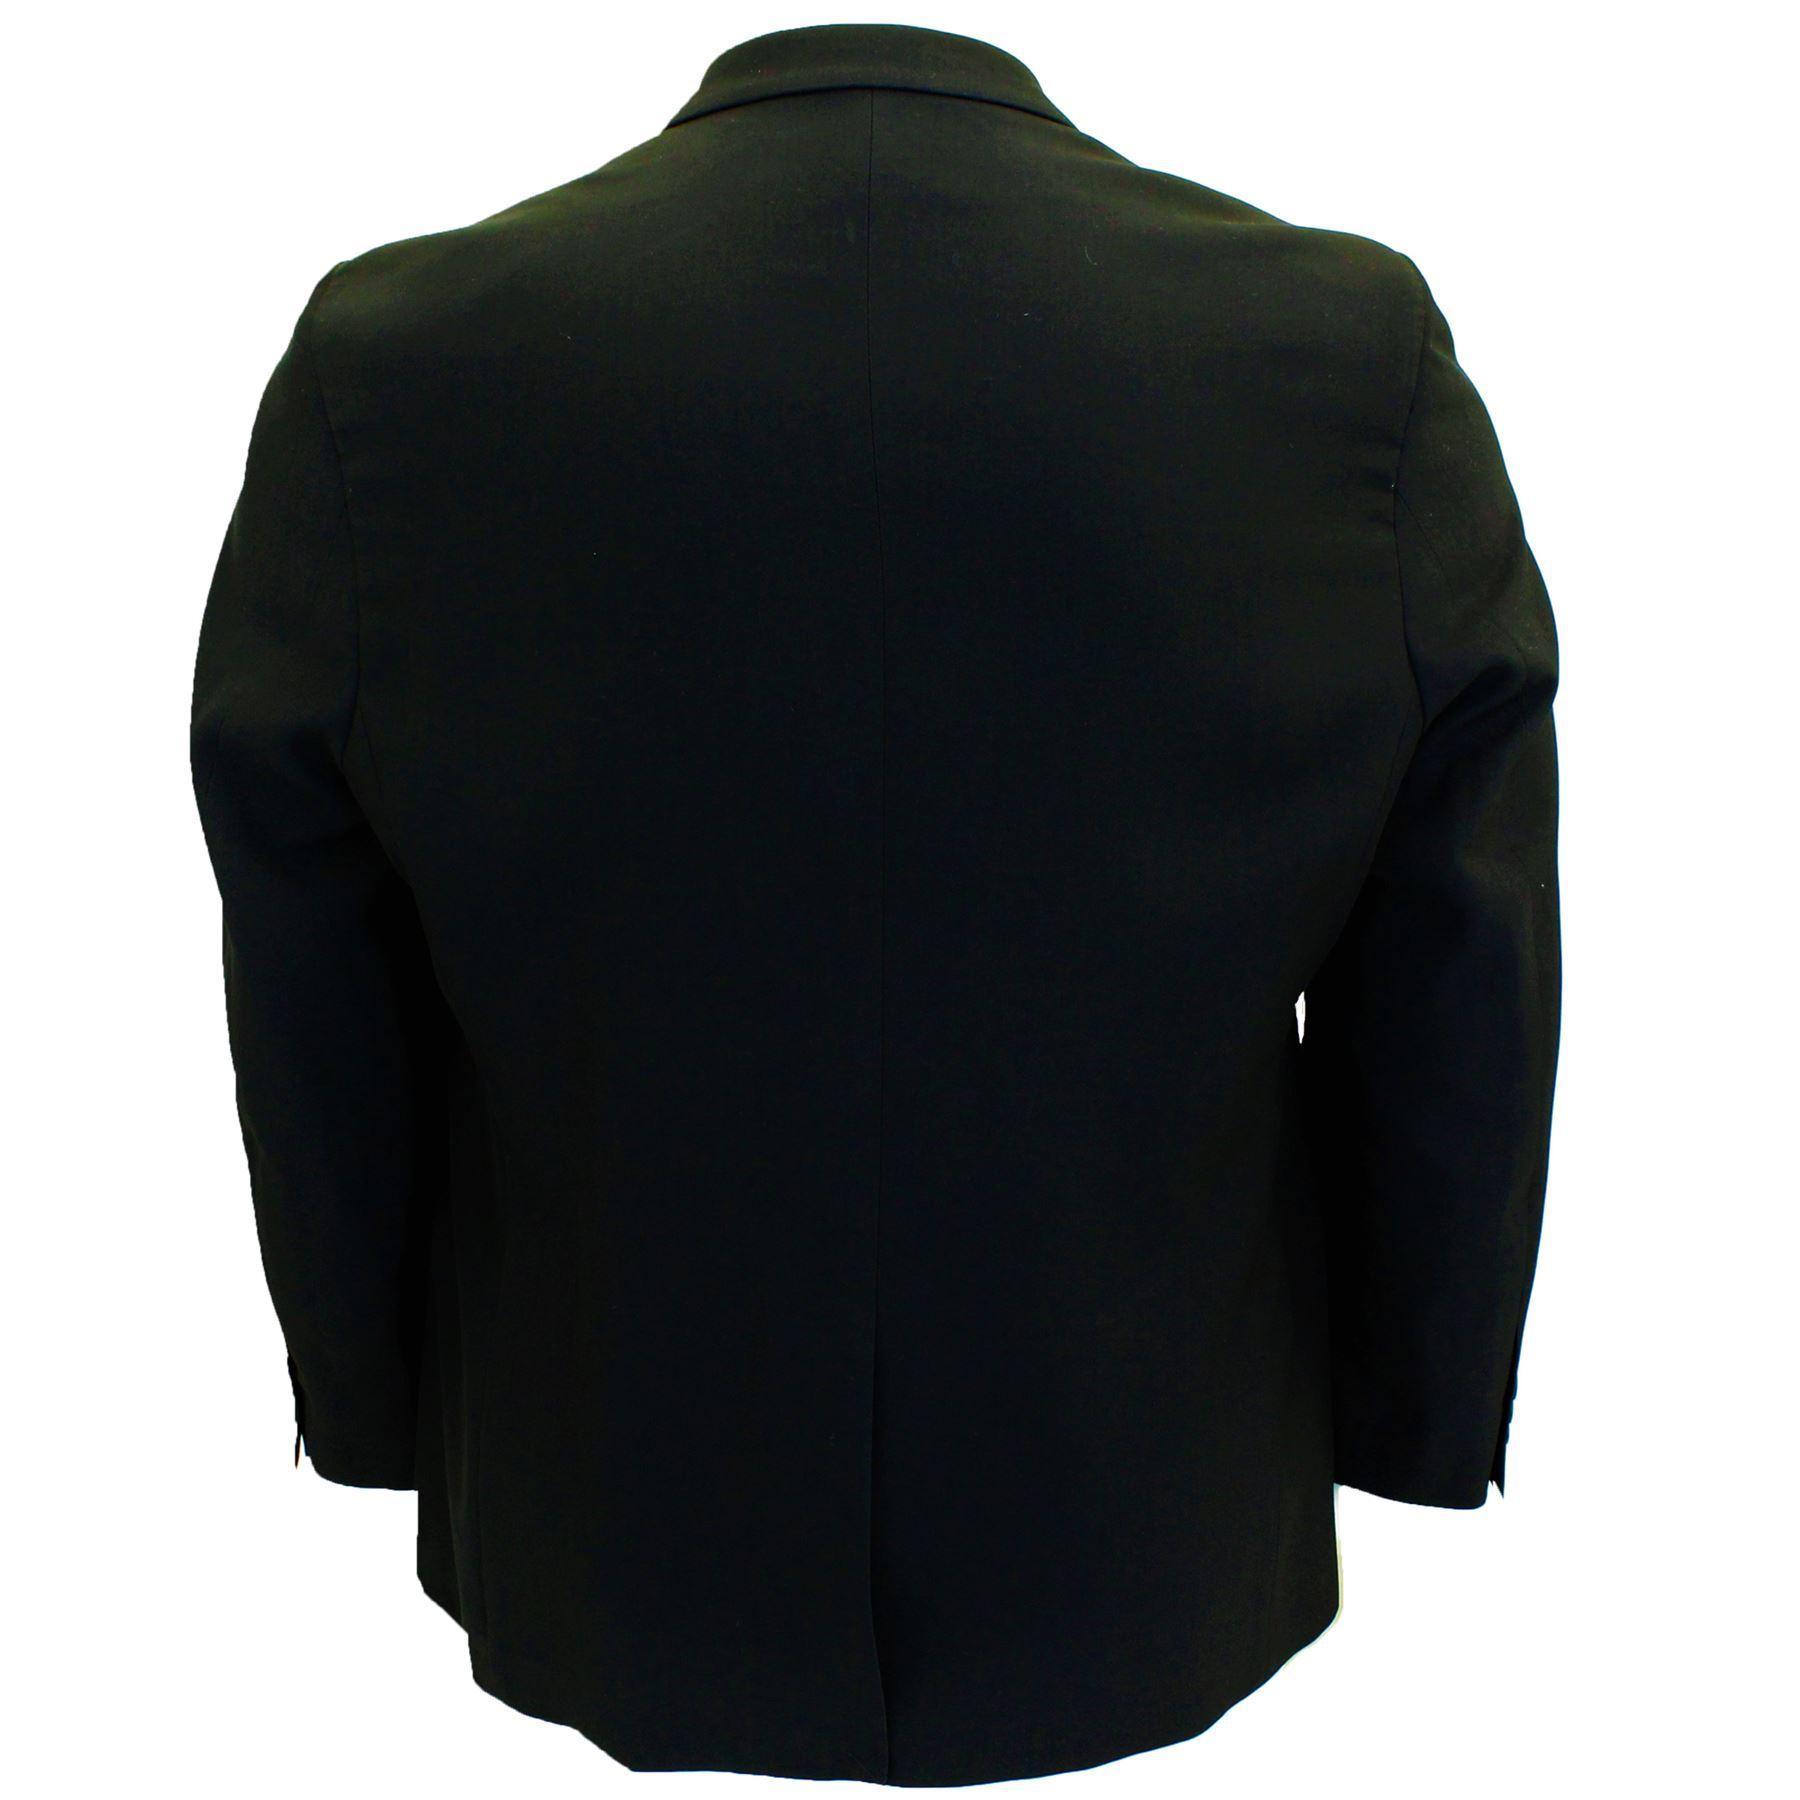 Para-Hombre-Tamano-Grande-Negro-Chaleco-Chaqueta-2-piezas-traje-se-vende-por-separado-50-52-54-56-58 miniatura 3